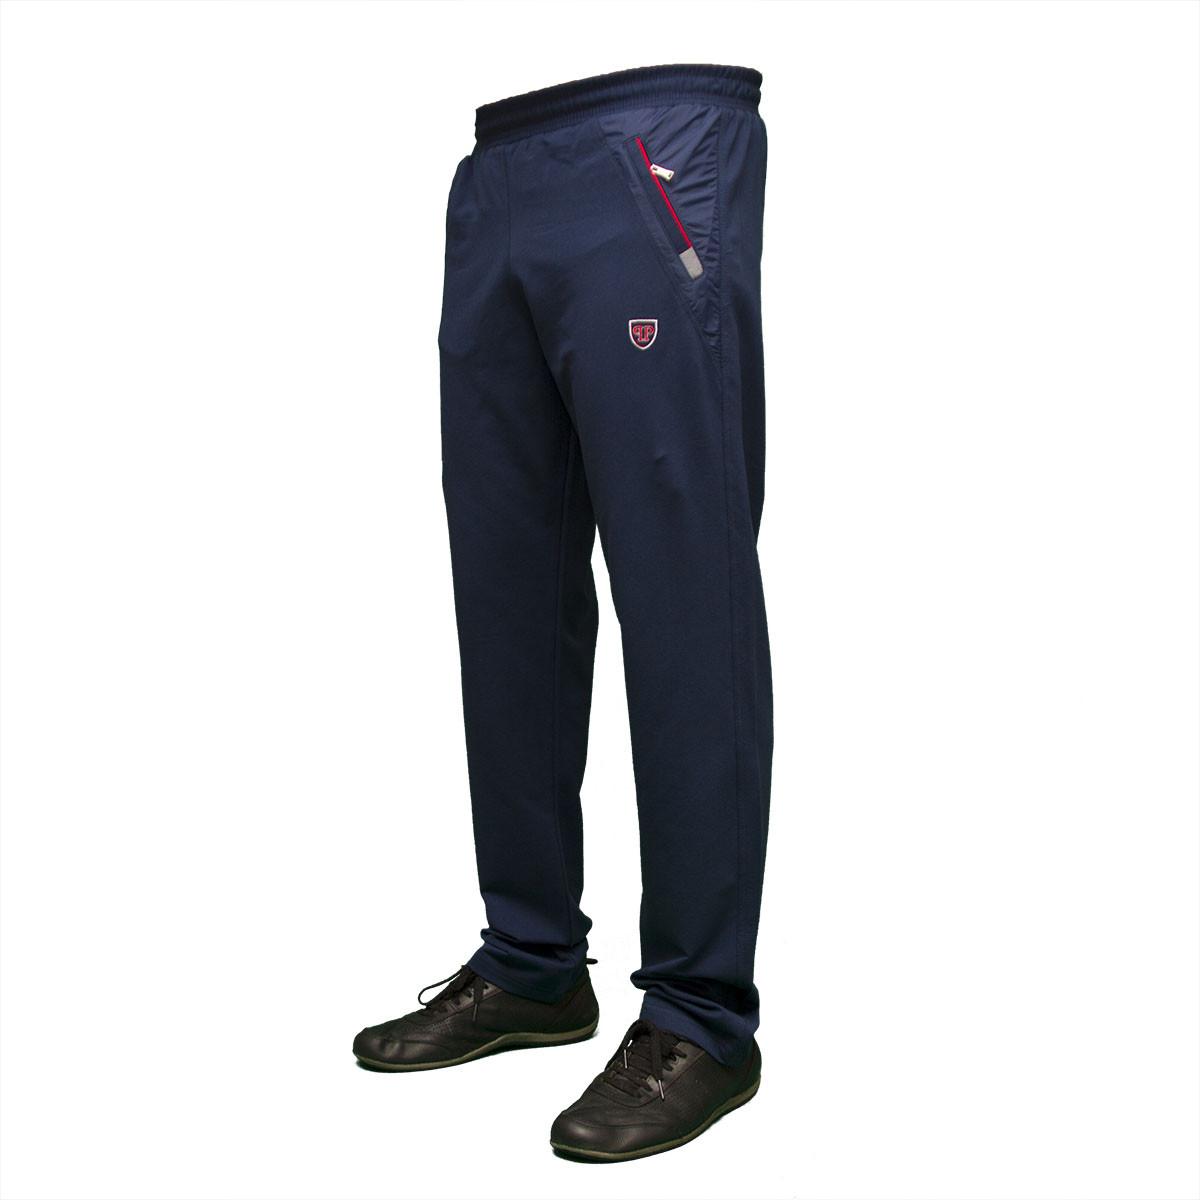 Турецкие спортивные штаны на мужчин тм. PIYERA №135-1